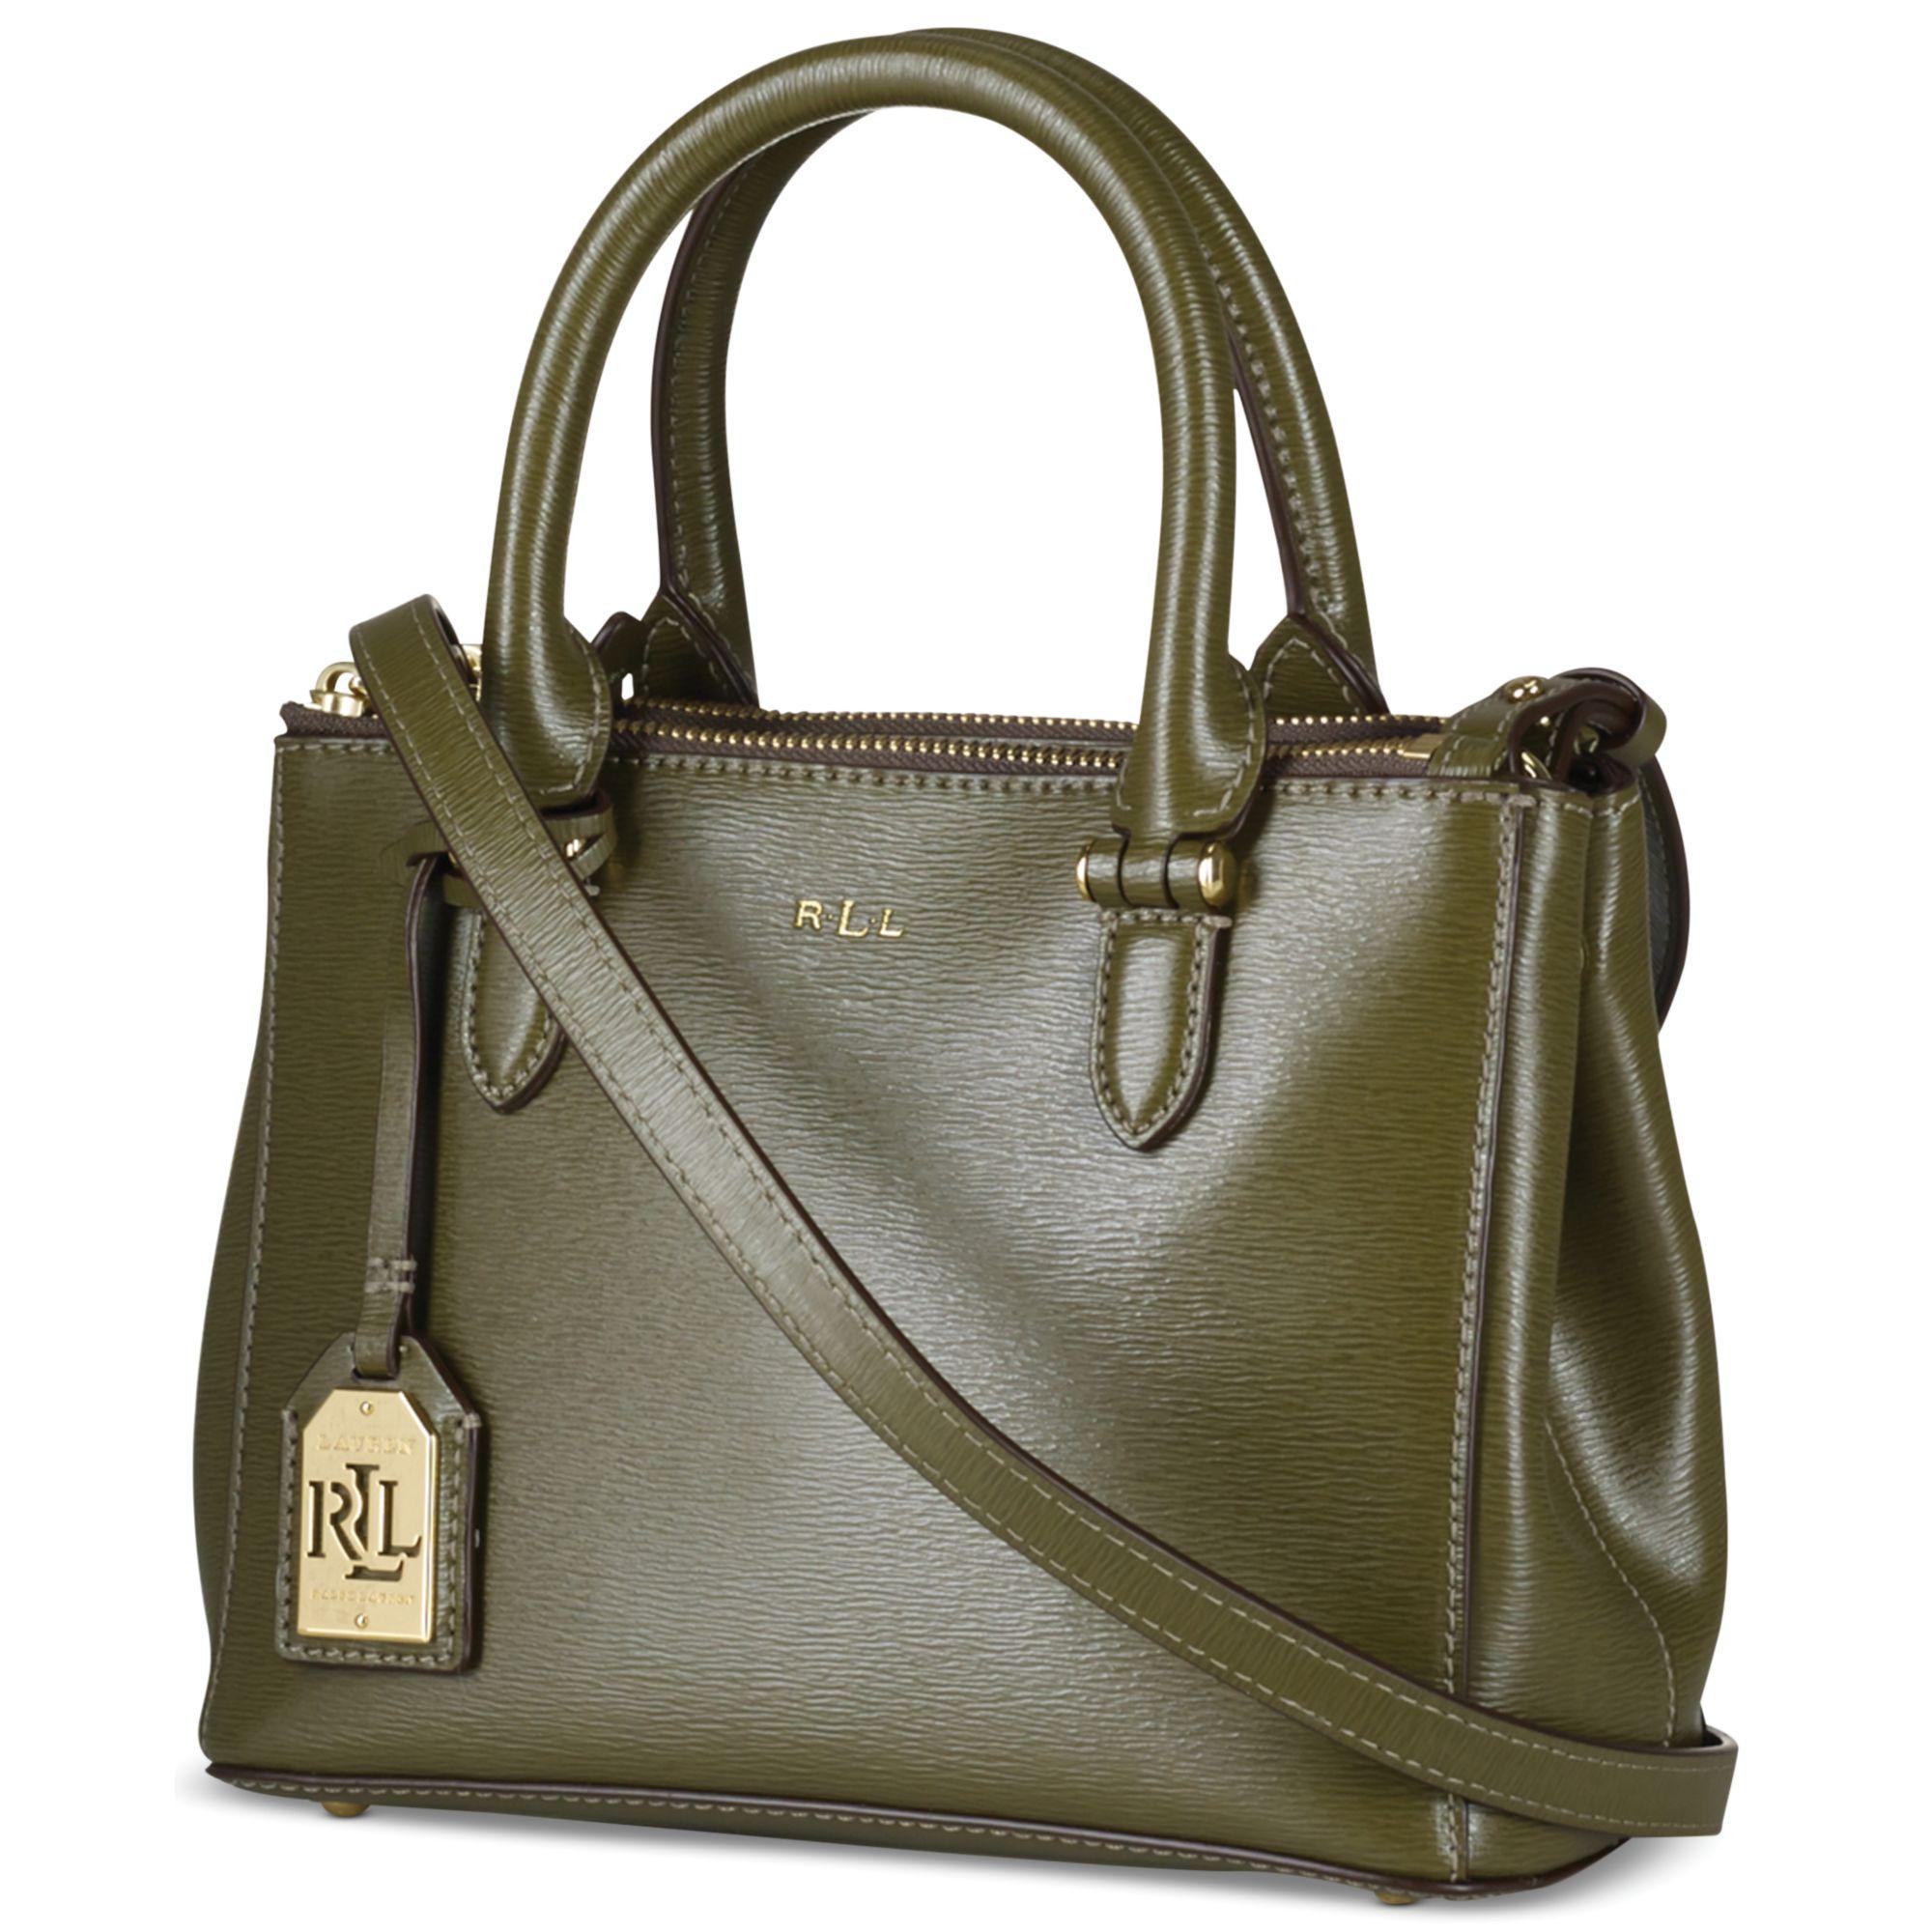 1ed7d126d2b2b Lyst - Lauren by Ralph Lauren Newbury Mini Double Zip Satchel in Green